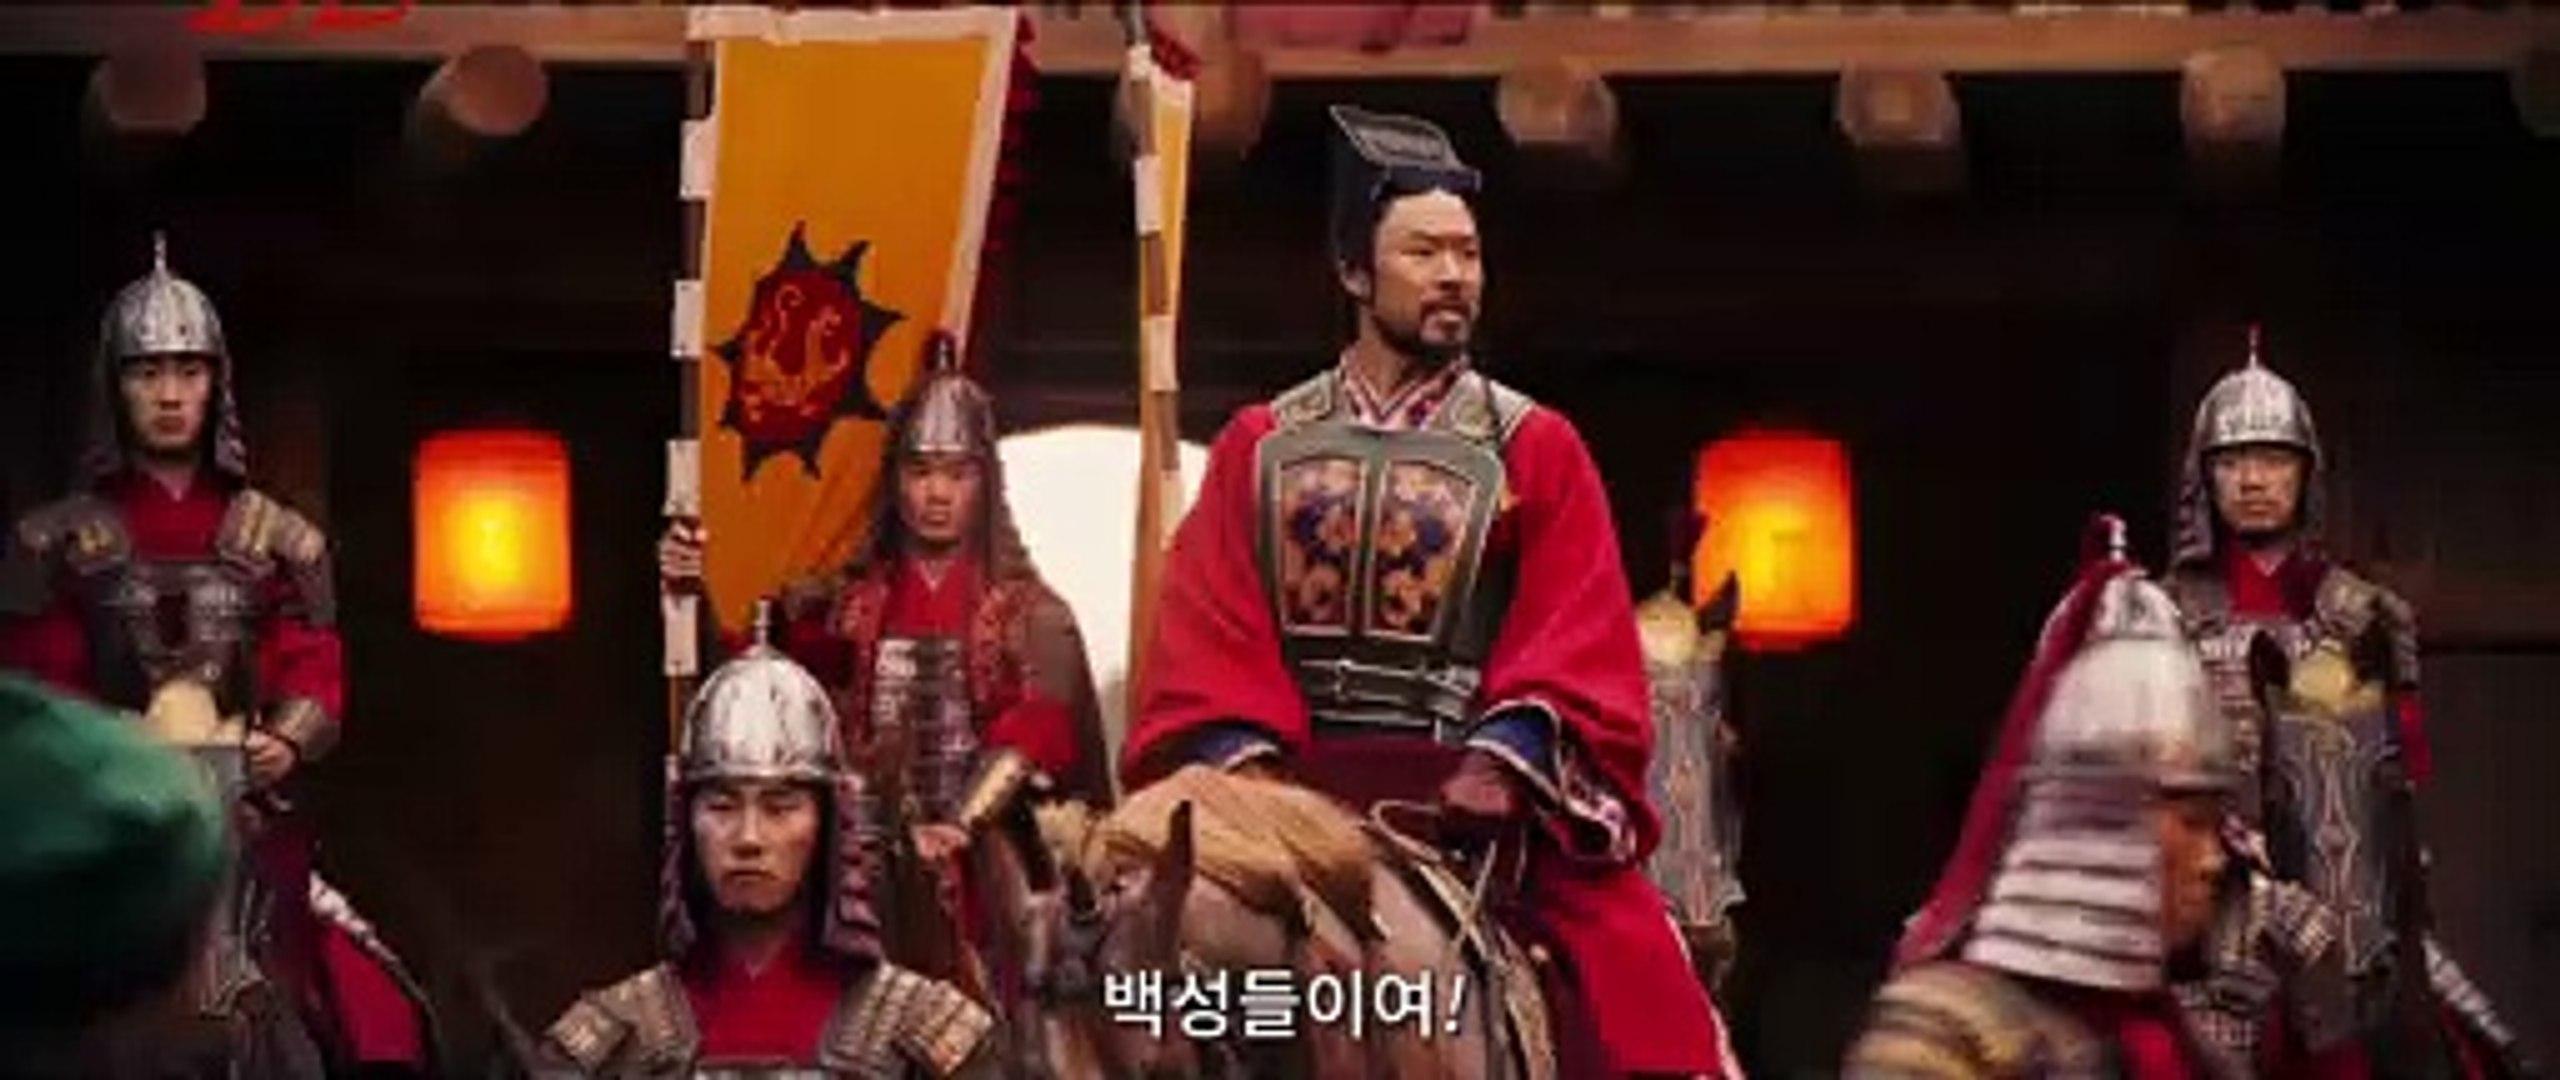 영화[뮬란] (Mulan, 2020) 메인 예고편 - 한글 자막